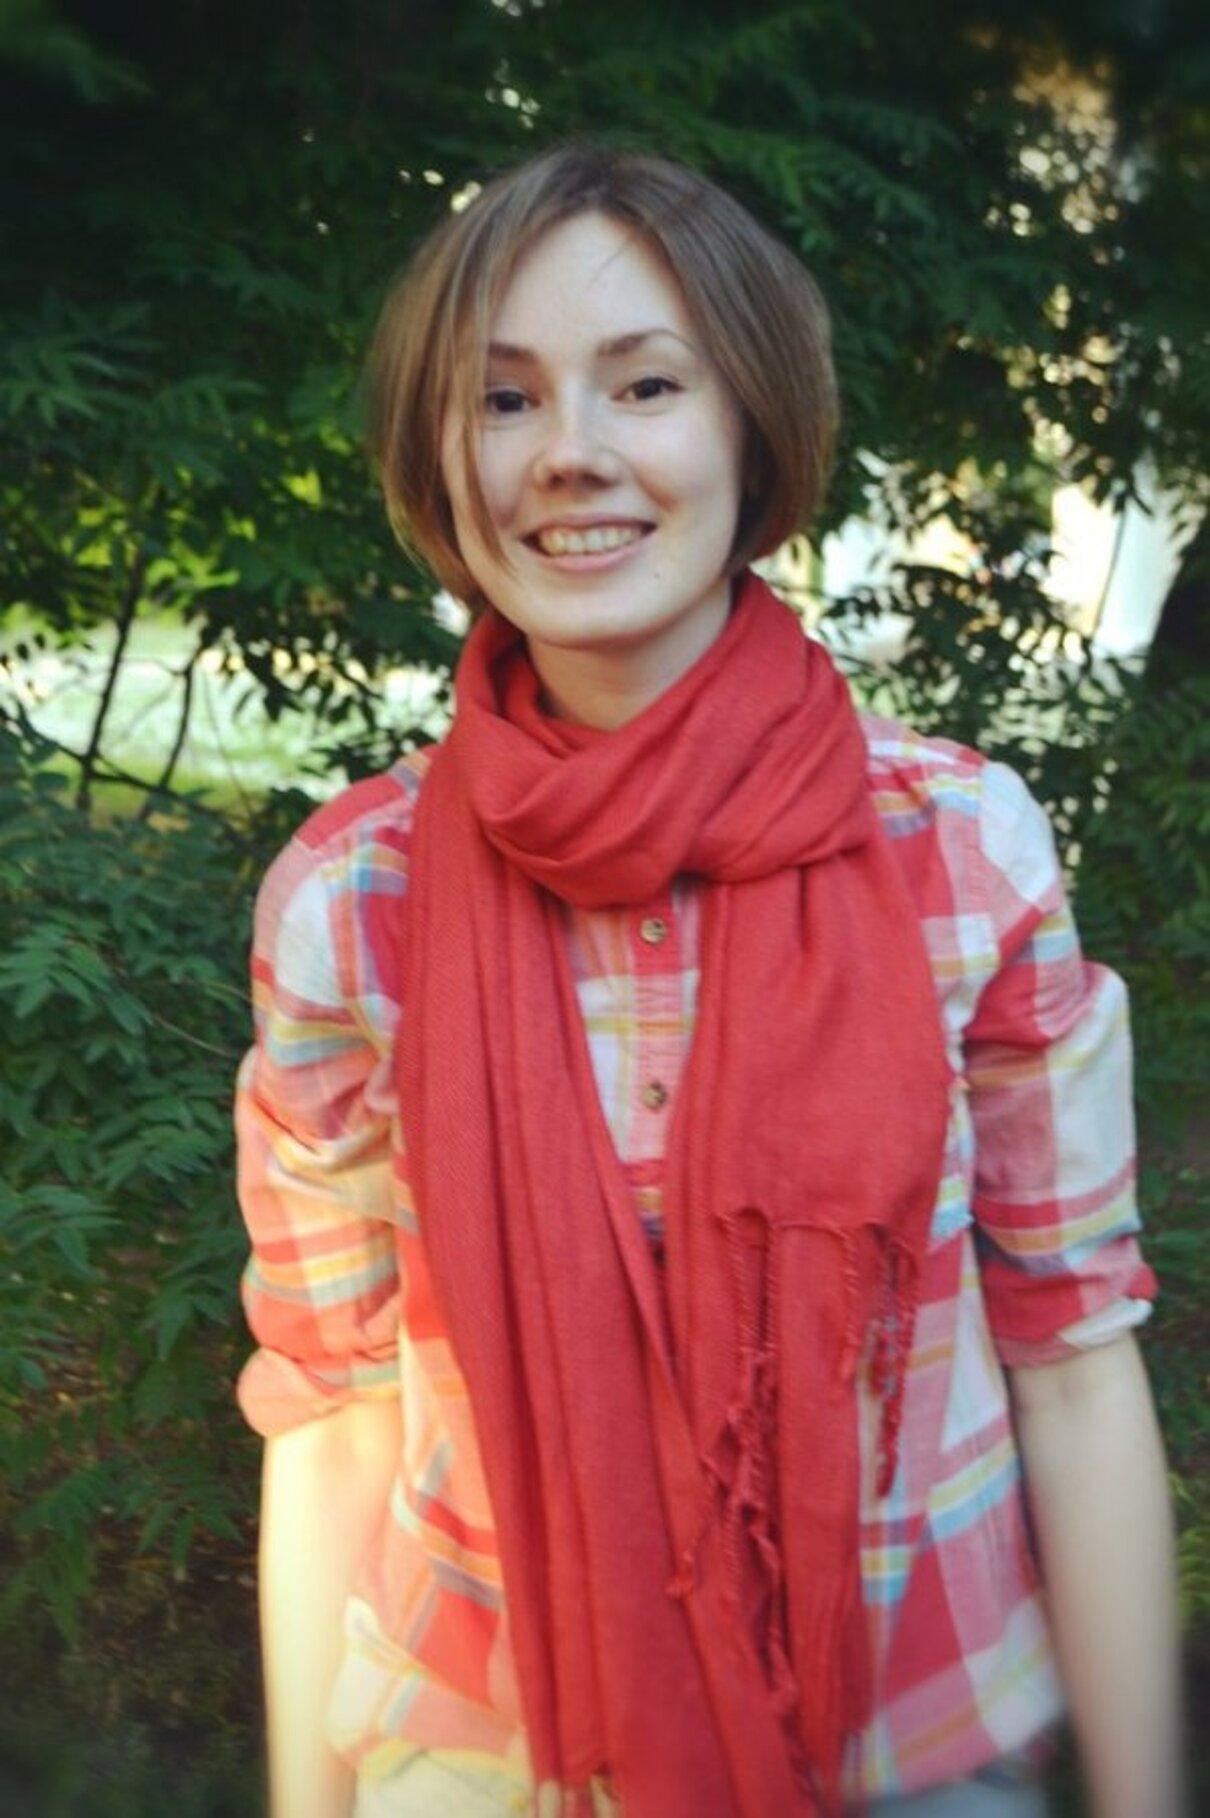 Жалоба-отзыв: Румянцева Алиса Игоревна - Румянцева Алиса Одесса Нечистоплотный продавец на OLX.  Фото №3